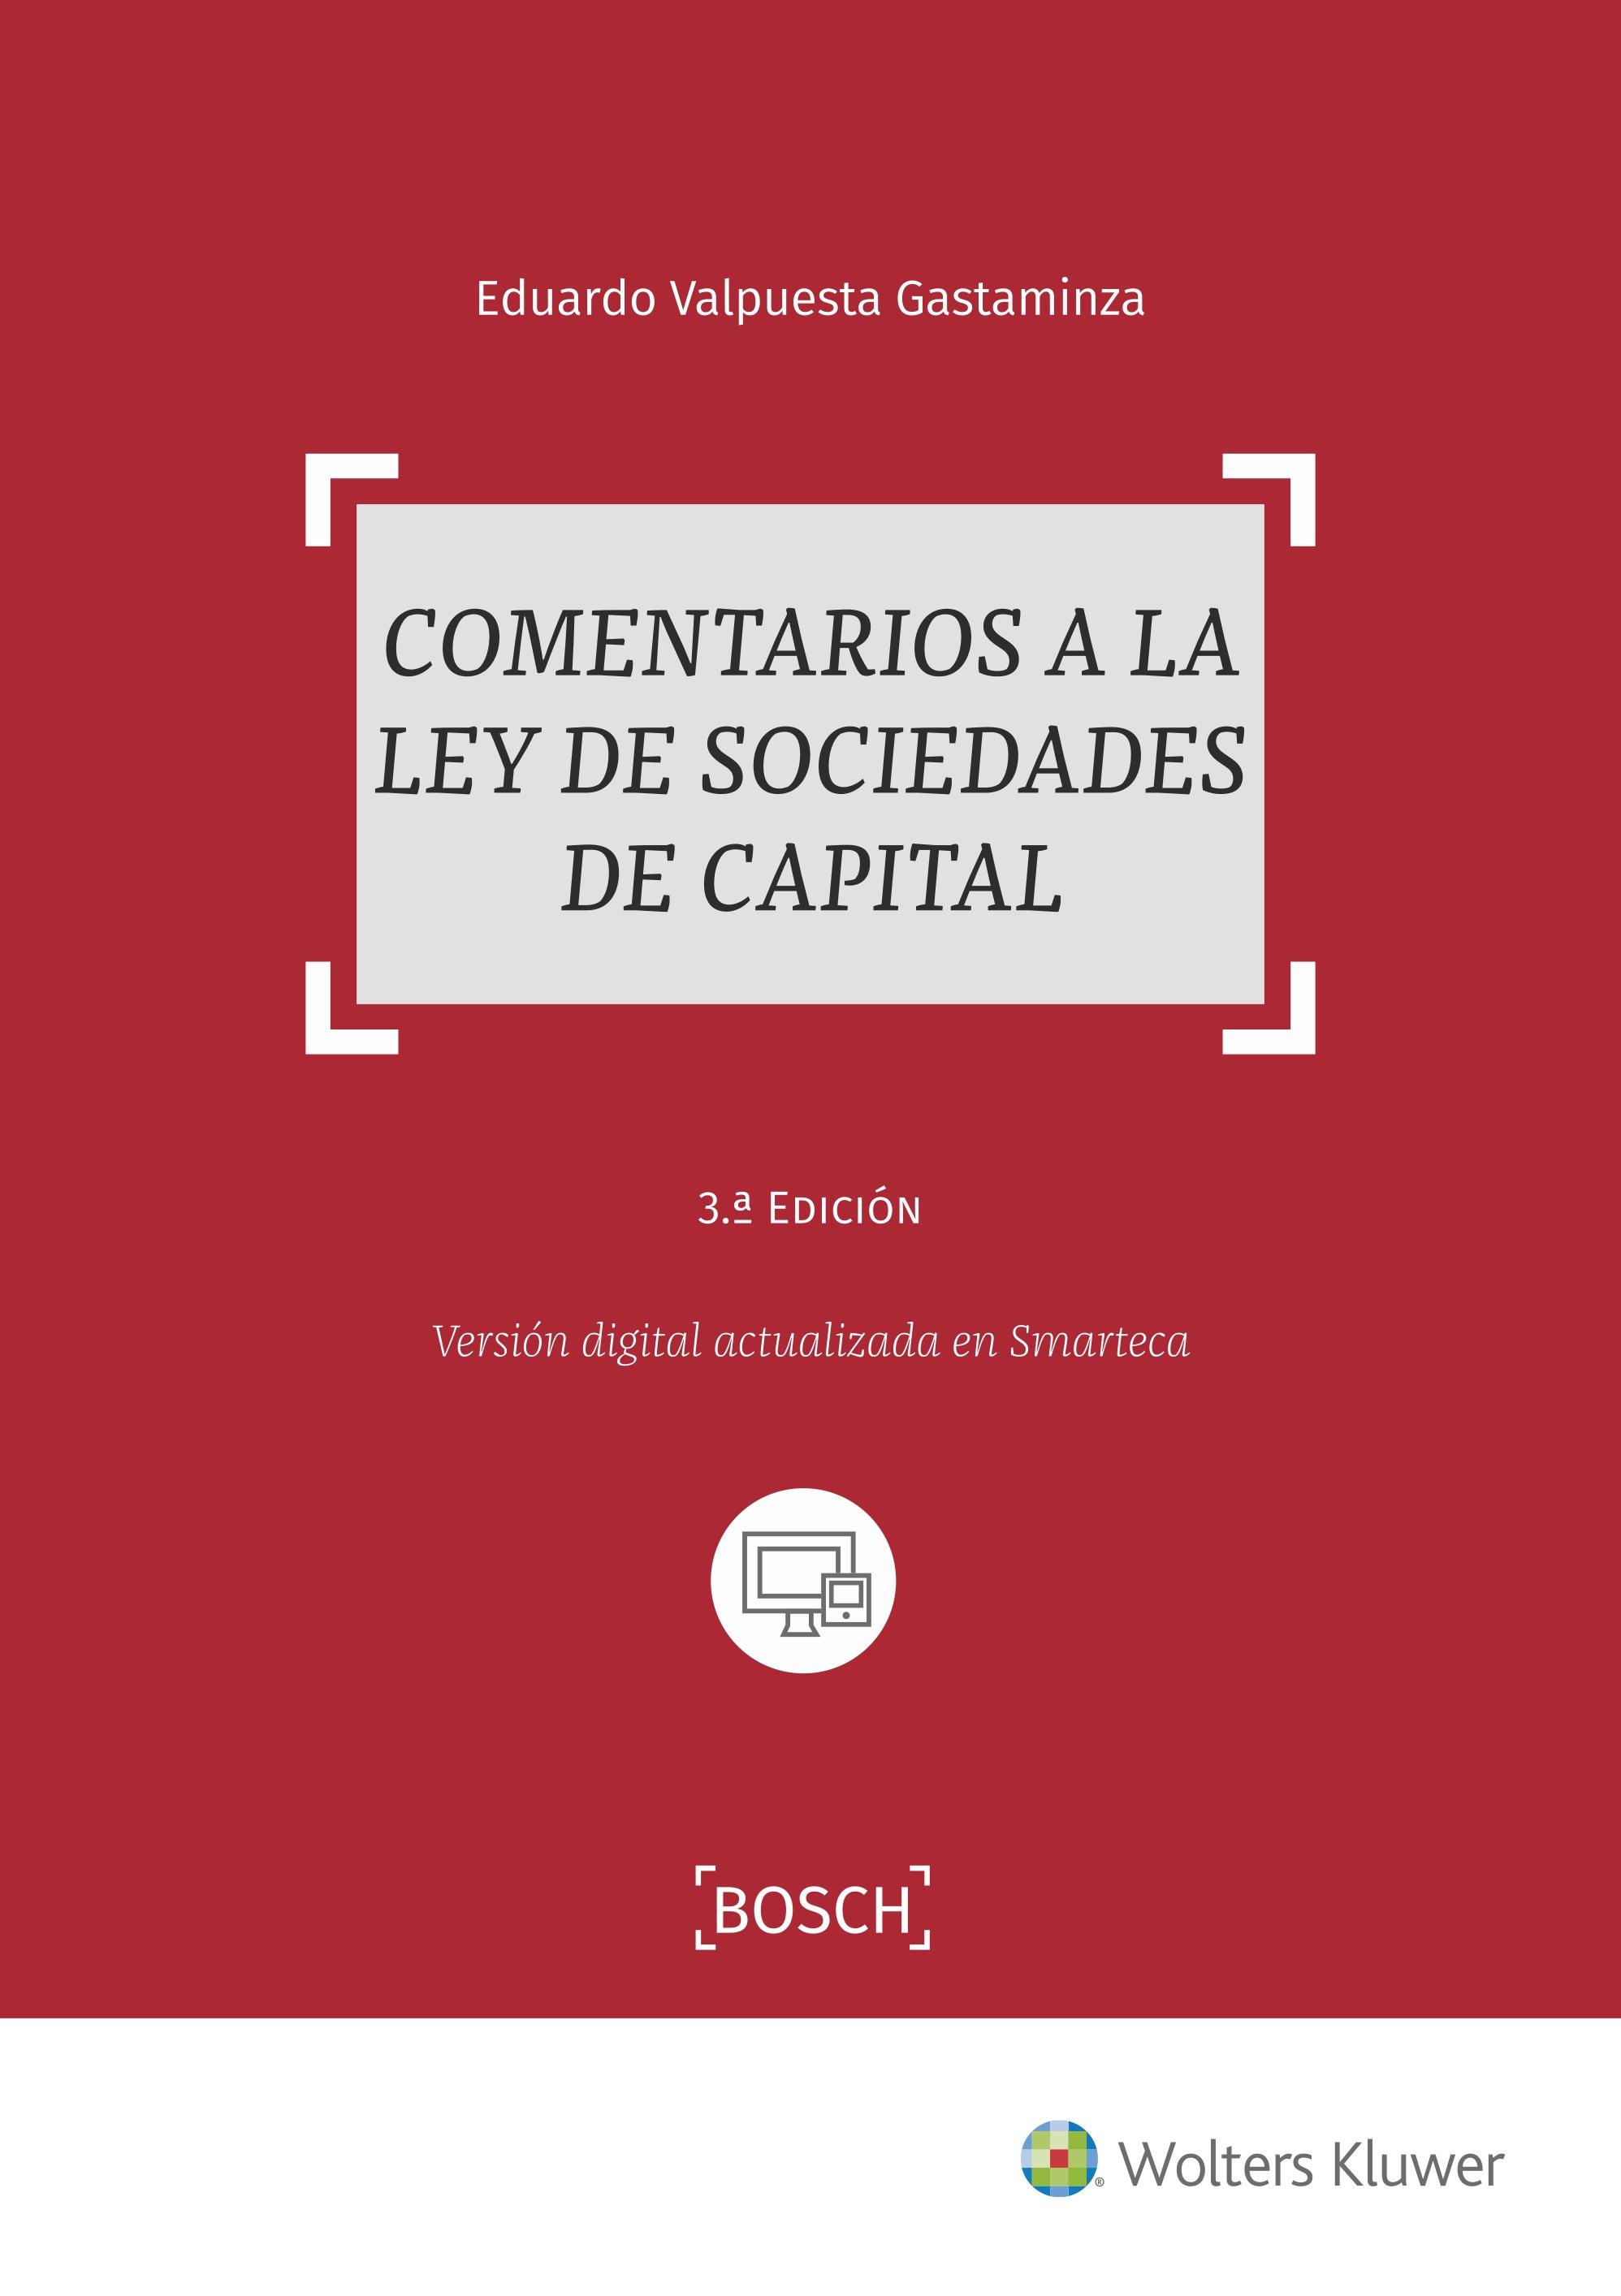 COMENTARIOS A LA LEY DE SOCIEDADES DE CAPITAL 3ª ED